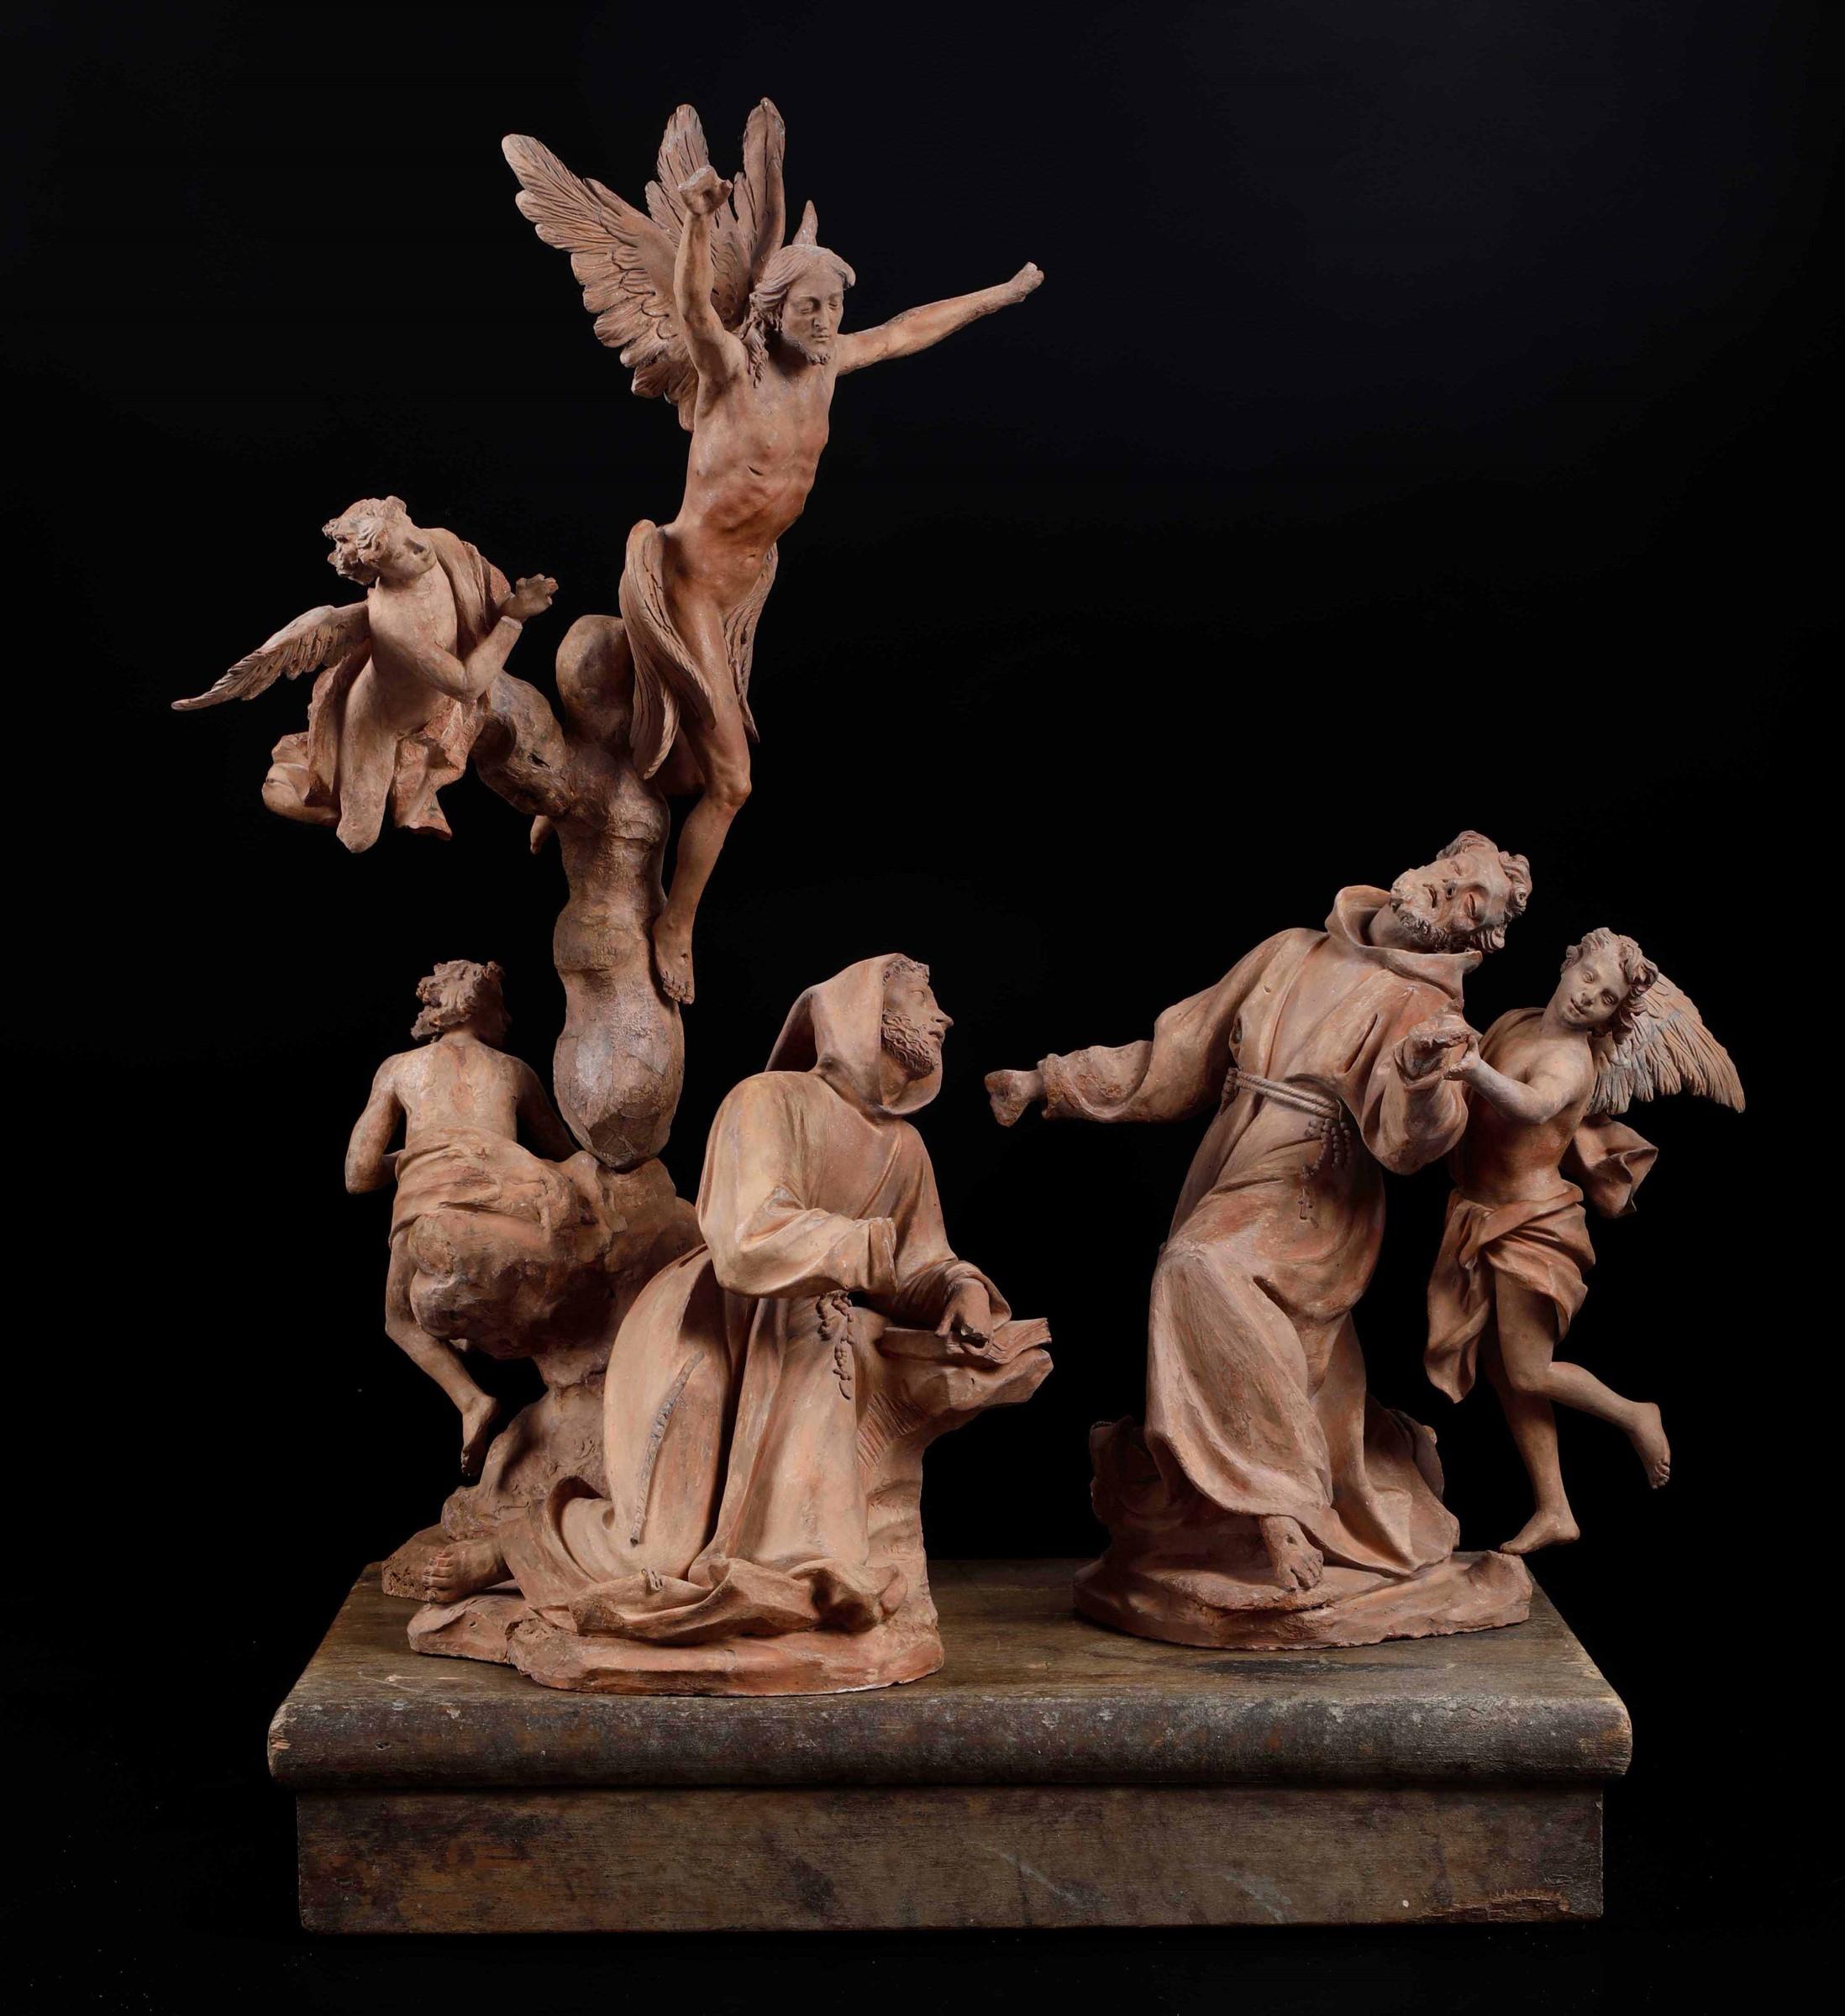 St Michael, A.M. Maragliano, Genoa, 1694 - La straordinaria raccolta qui presentata [...] - Image 14 of 15